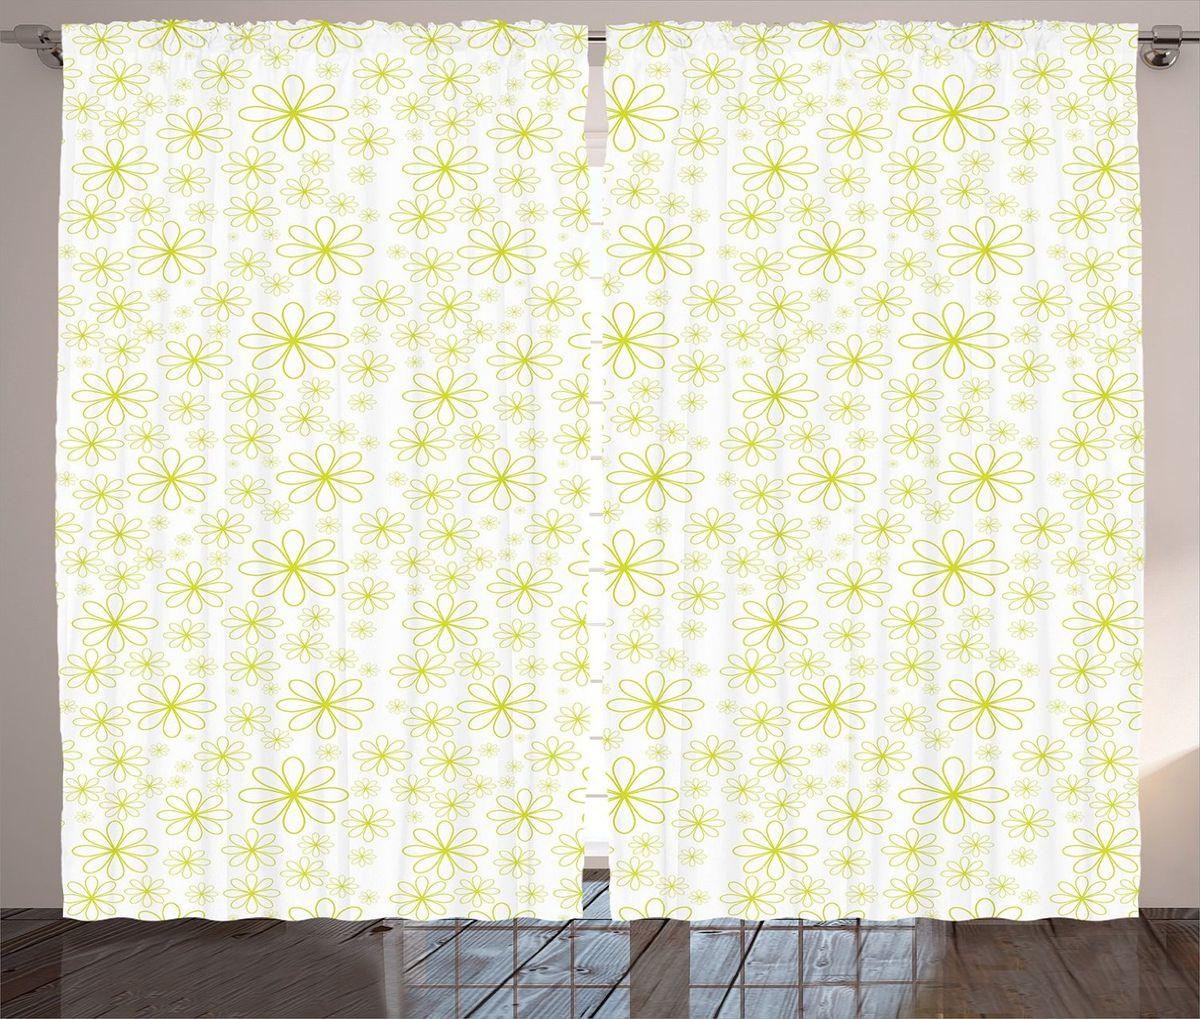 Комплект фотоштор Magic Lady Зеленые цветы, на ленте, высота 265 см фотошторы magic lady плотные фотошторы две хамсы 290 265 см